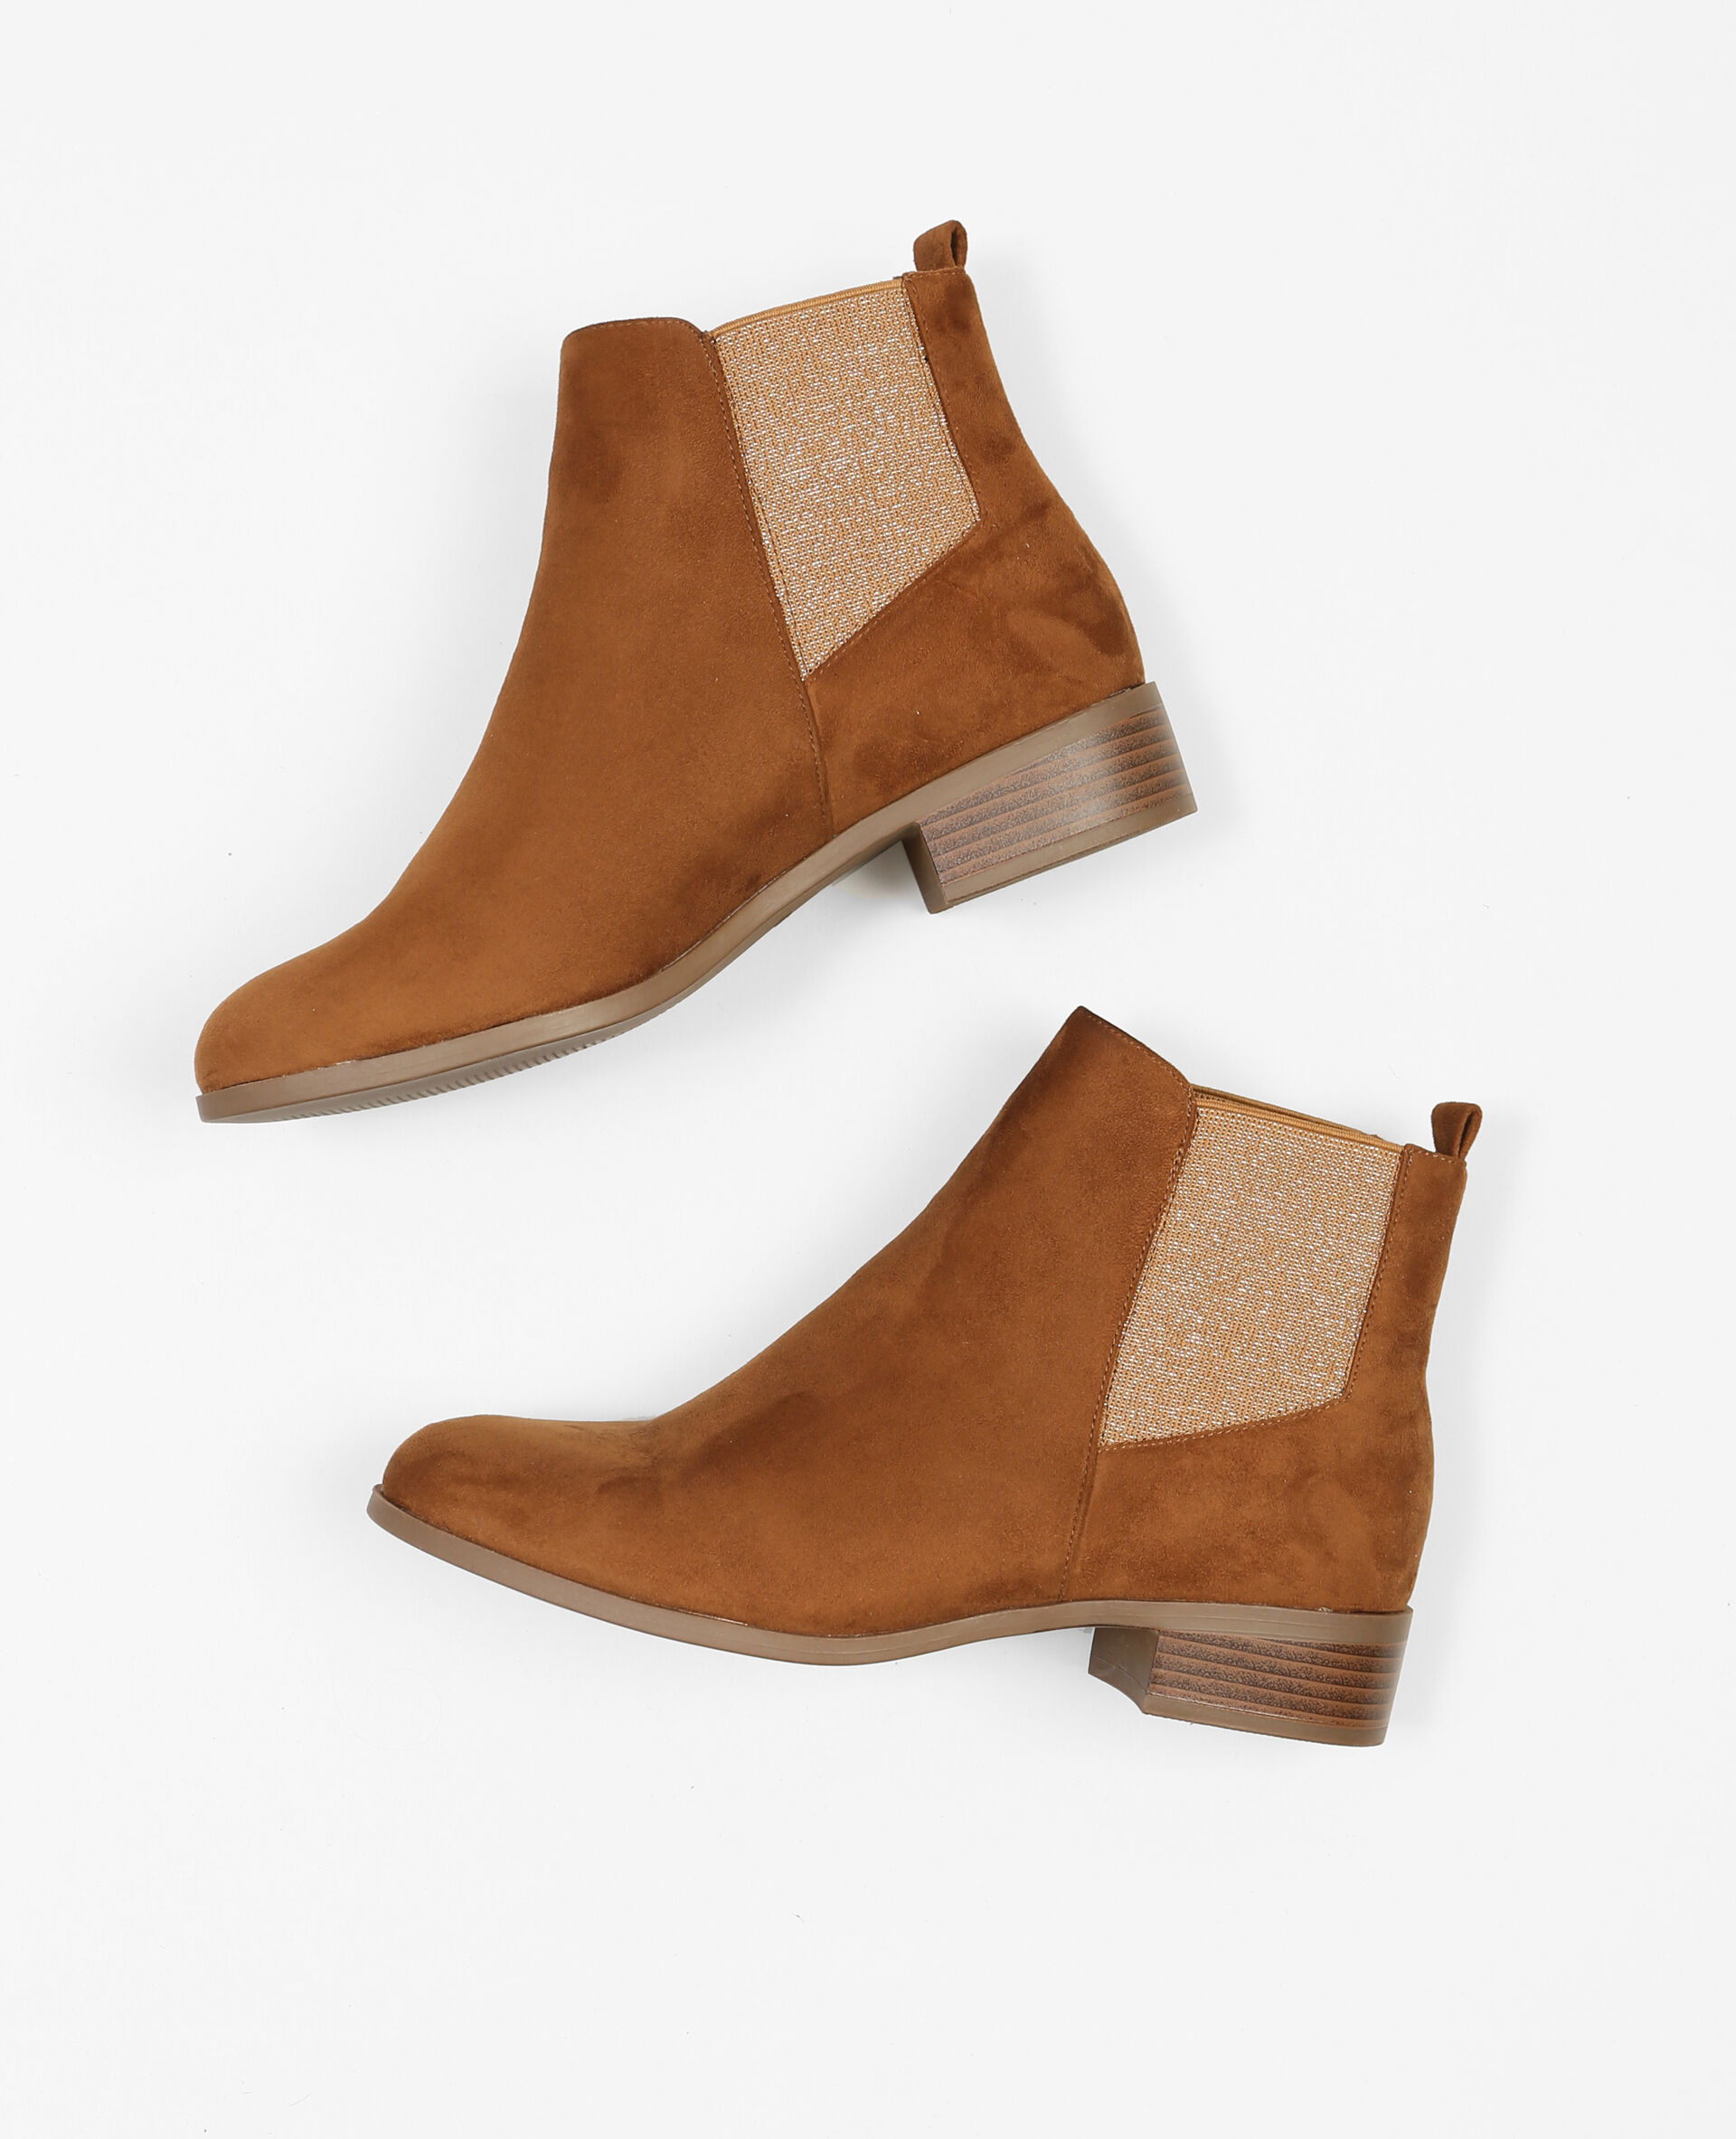 f59d1e331f533 Con las botas futbol tacos niño finanzas intercessory la oración JPG  594x732 Tobillera zapatos de futbol